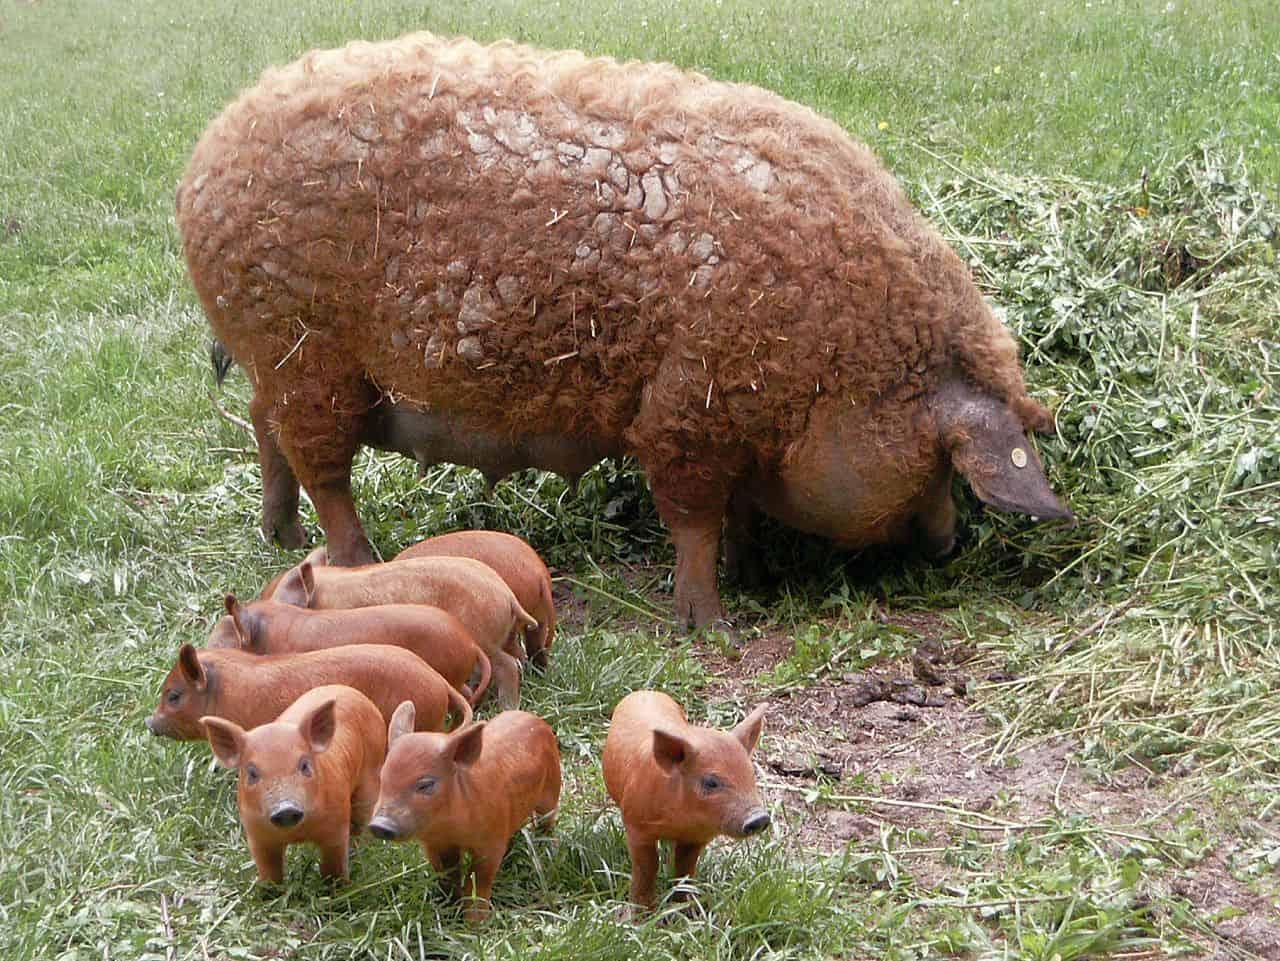 Mangalitsa Baby Pigs